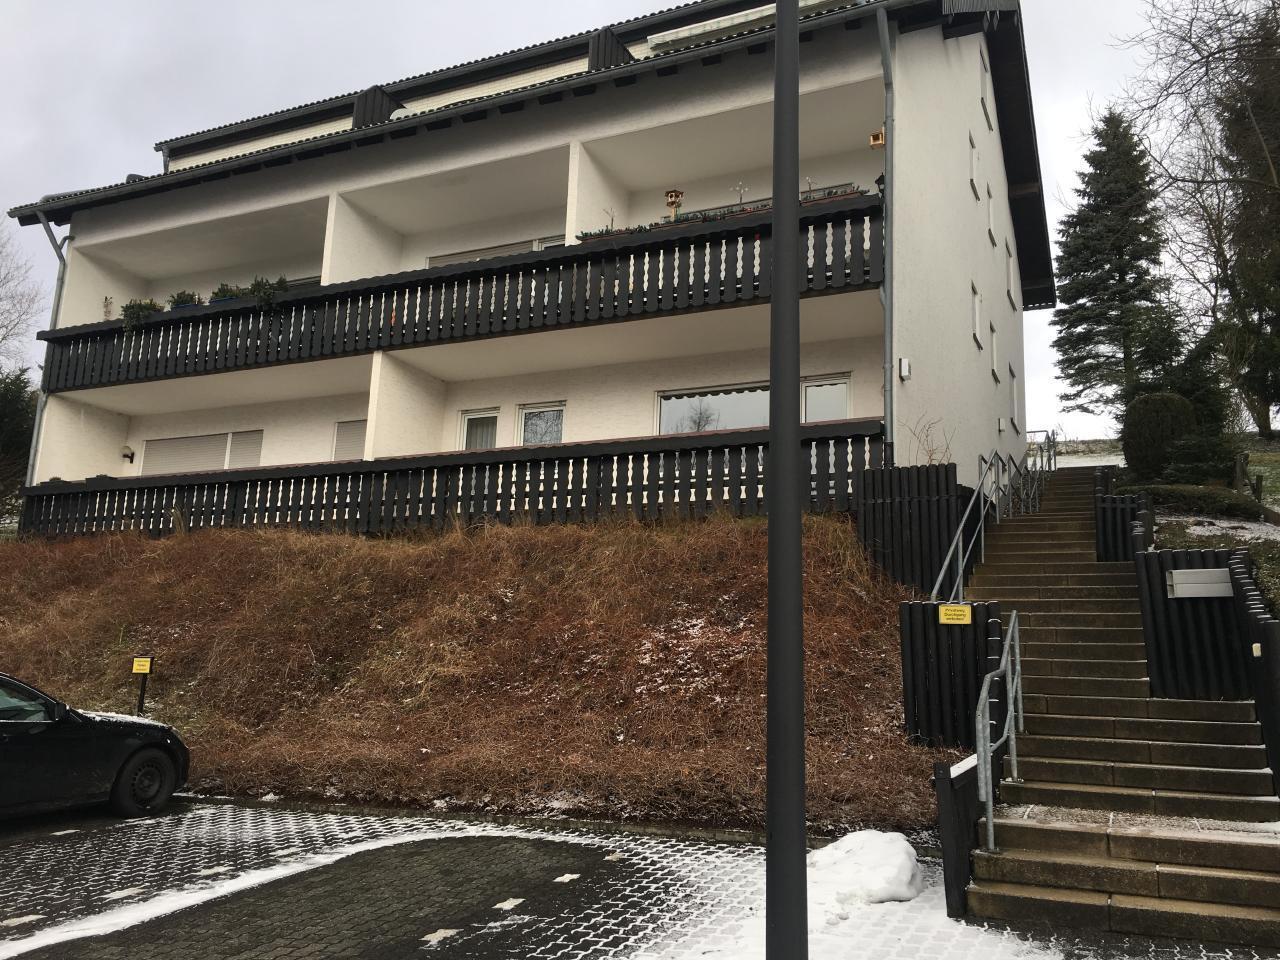 Ferienwohnung ?Berg- und Seeblick? in Winterberg N  in Deutschland